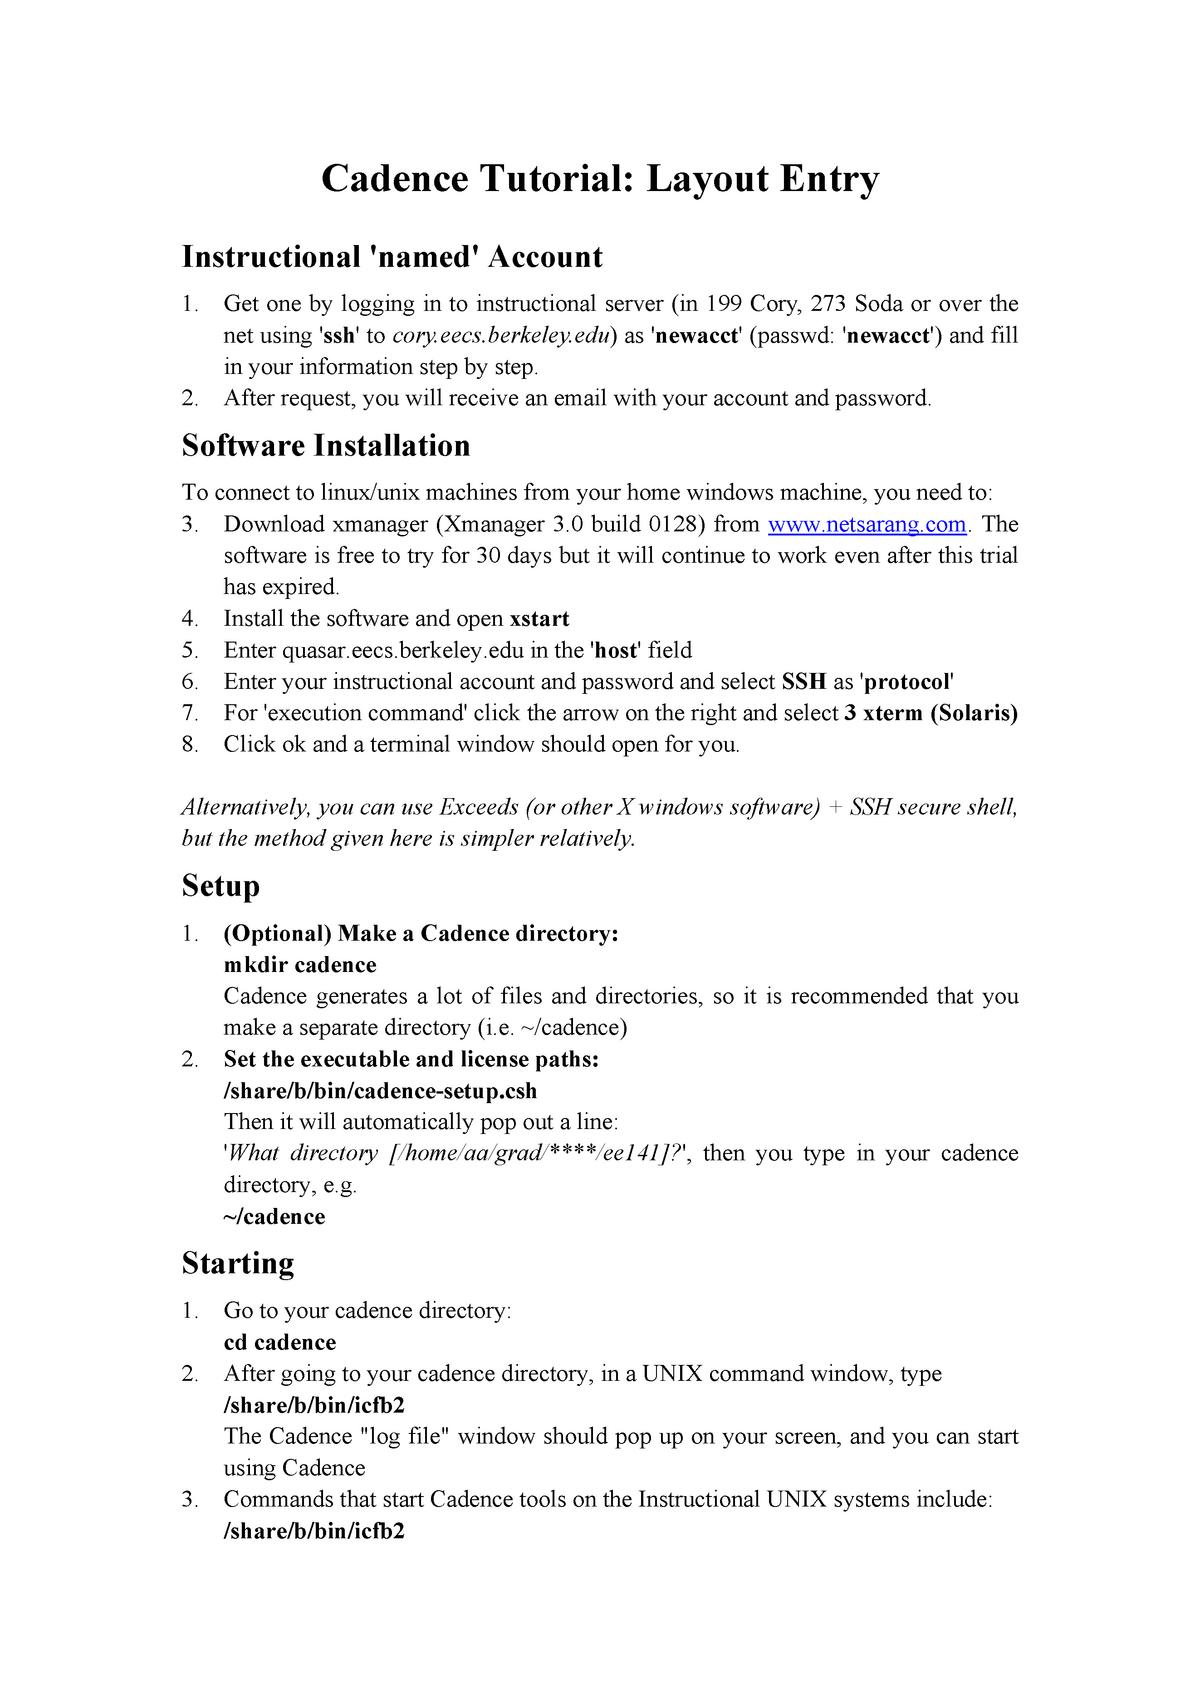 Tutorial work on Cadence tutorial layout entry - EE C247B/ME C218